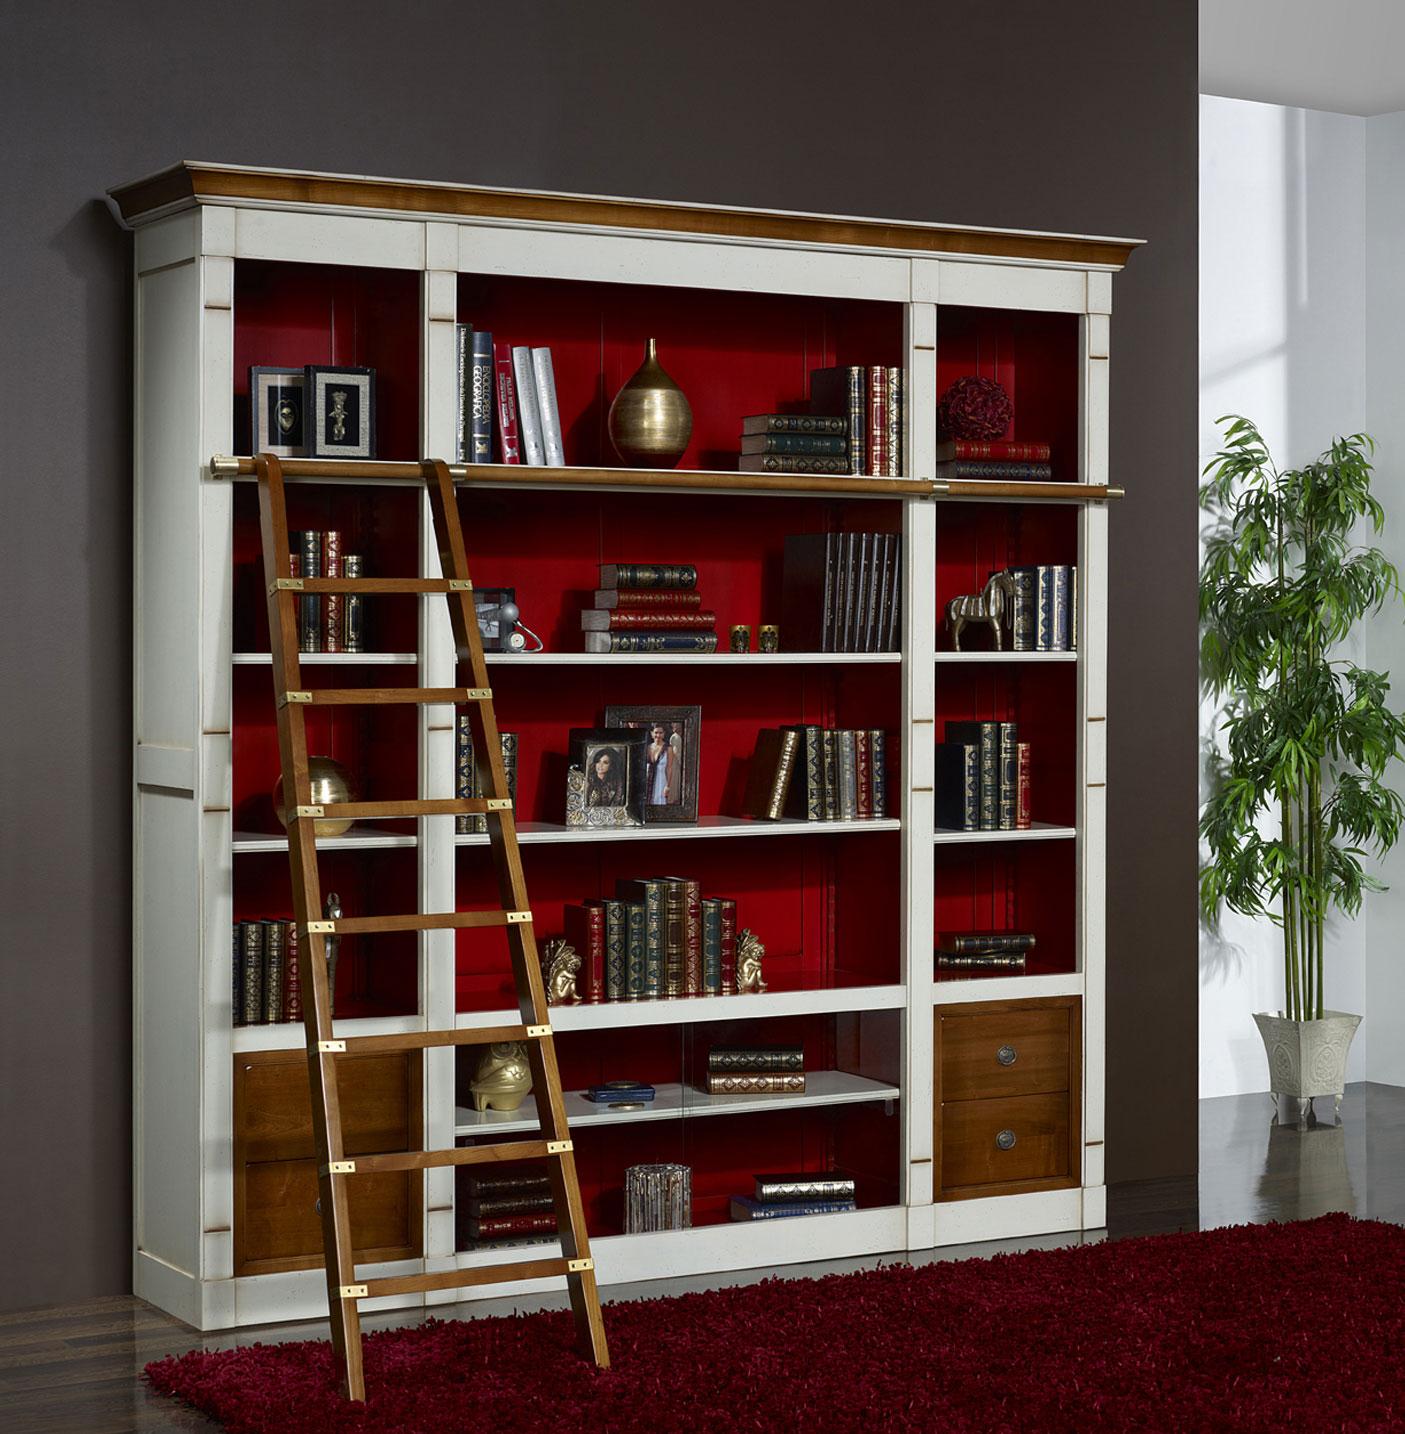 Meuble Tv Bibliothèque Blanc bibliothèque merisier - en savoir plus nous contacter